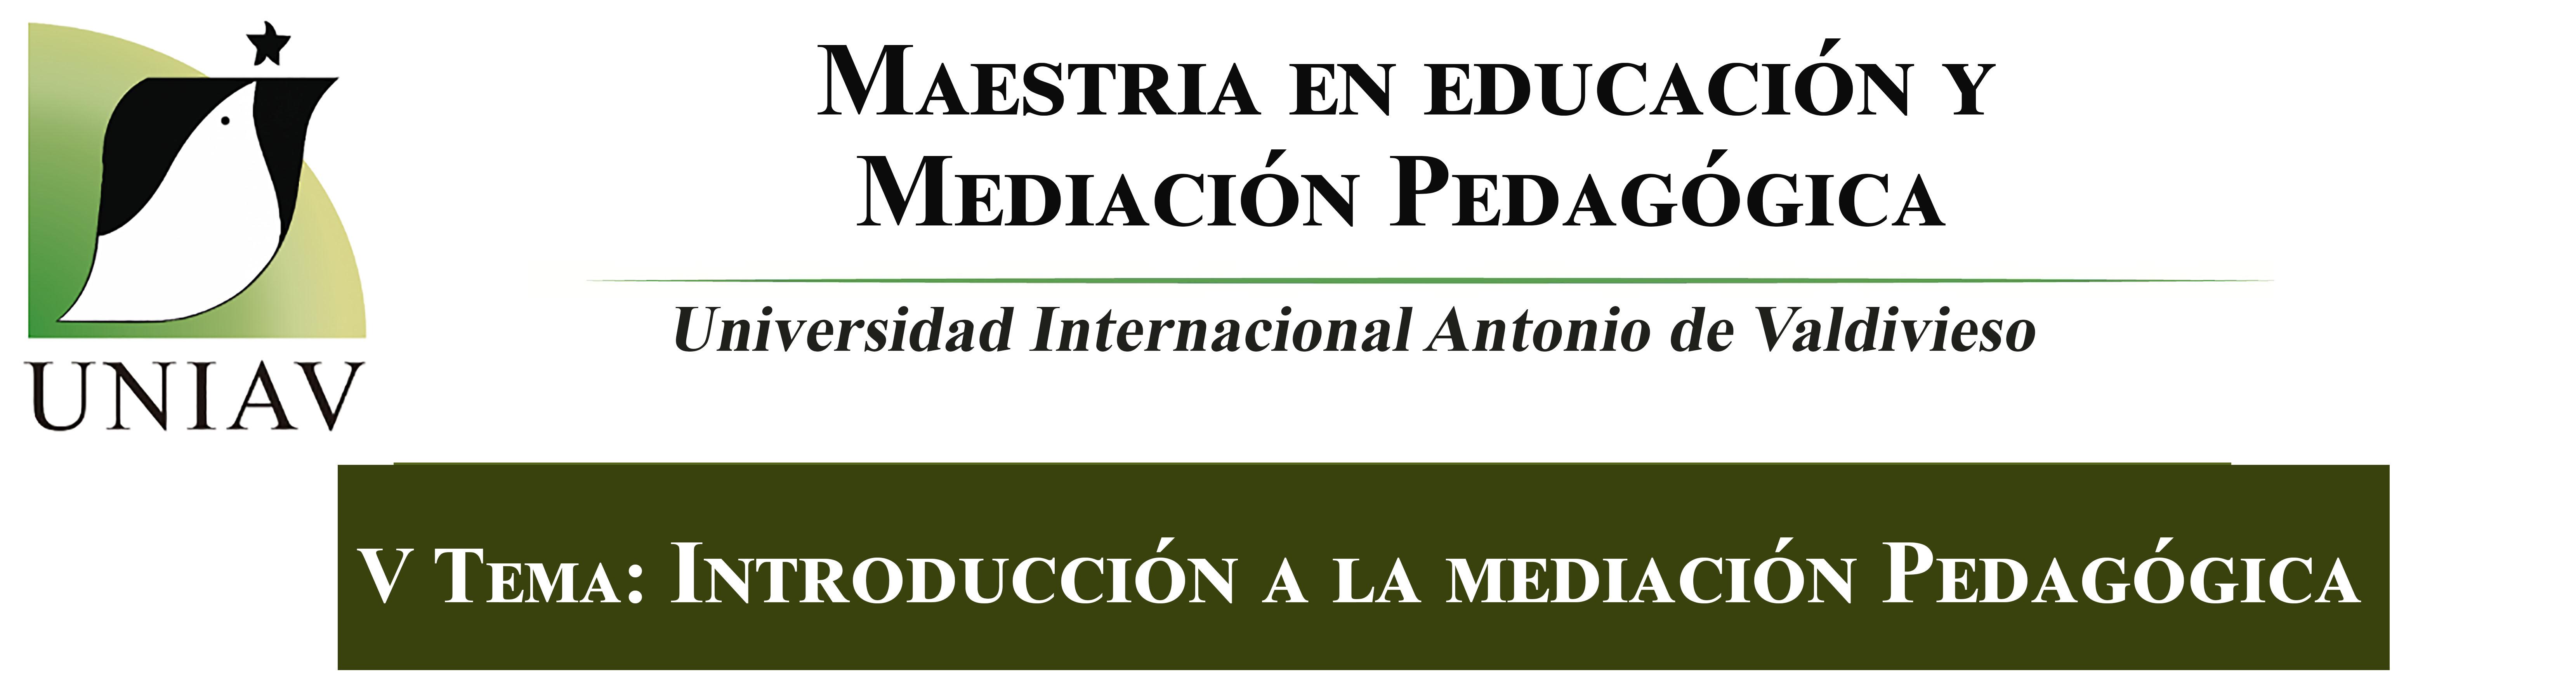 Introducción a la mediacion pedagógica